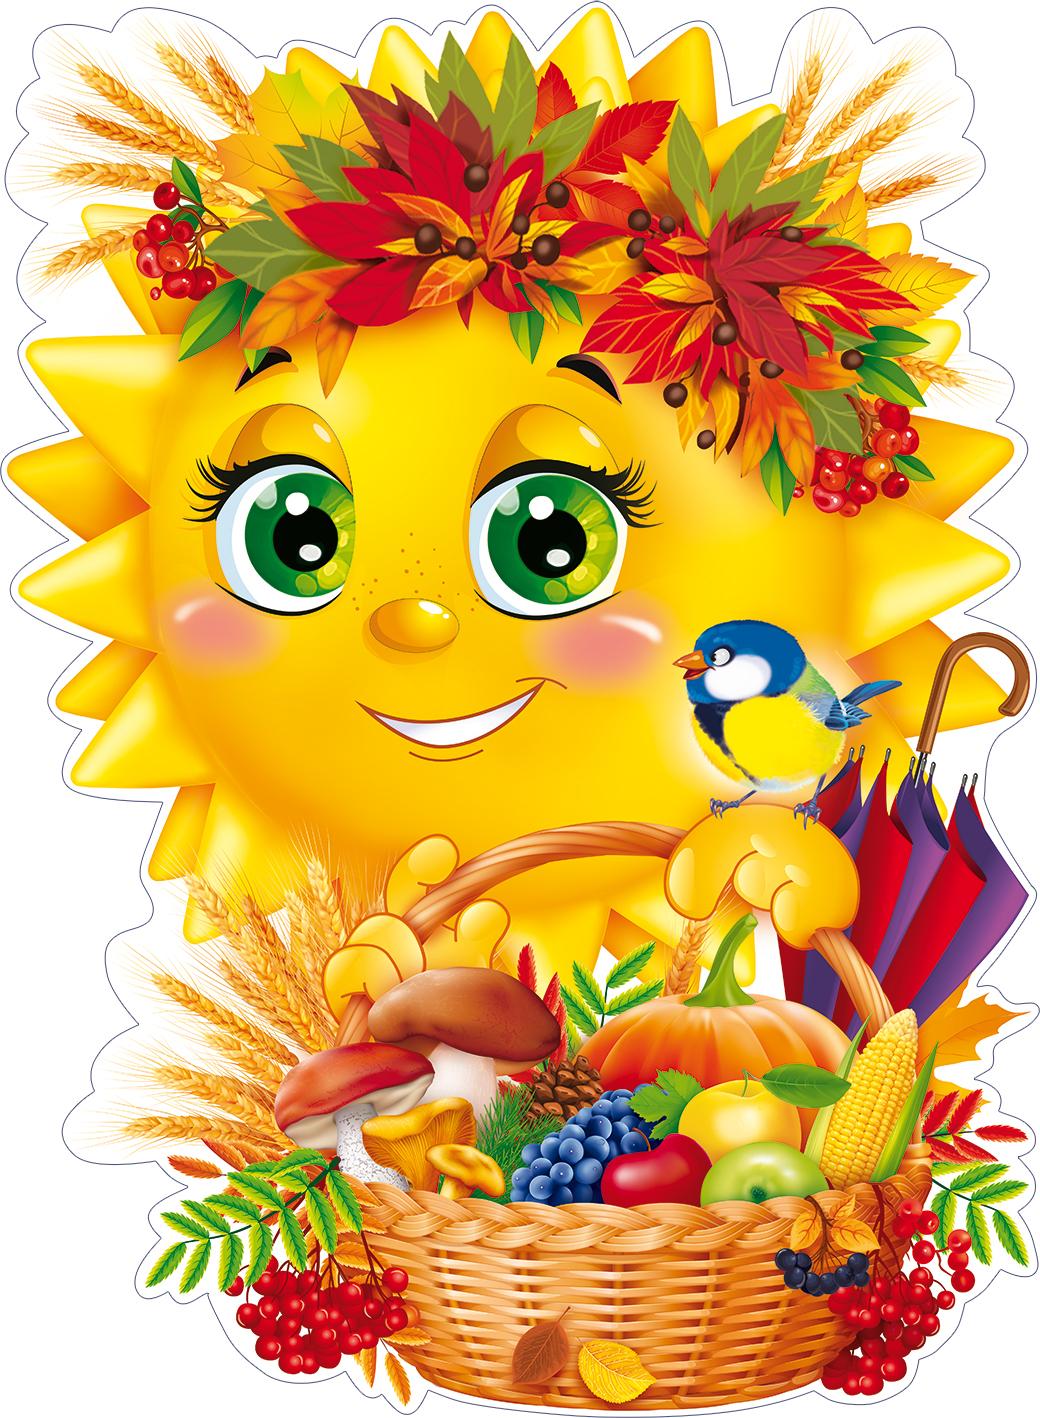 Осень картинки для плаката